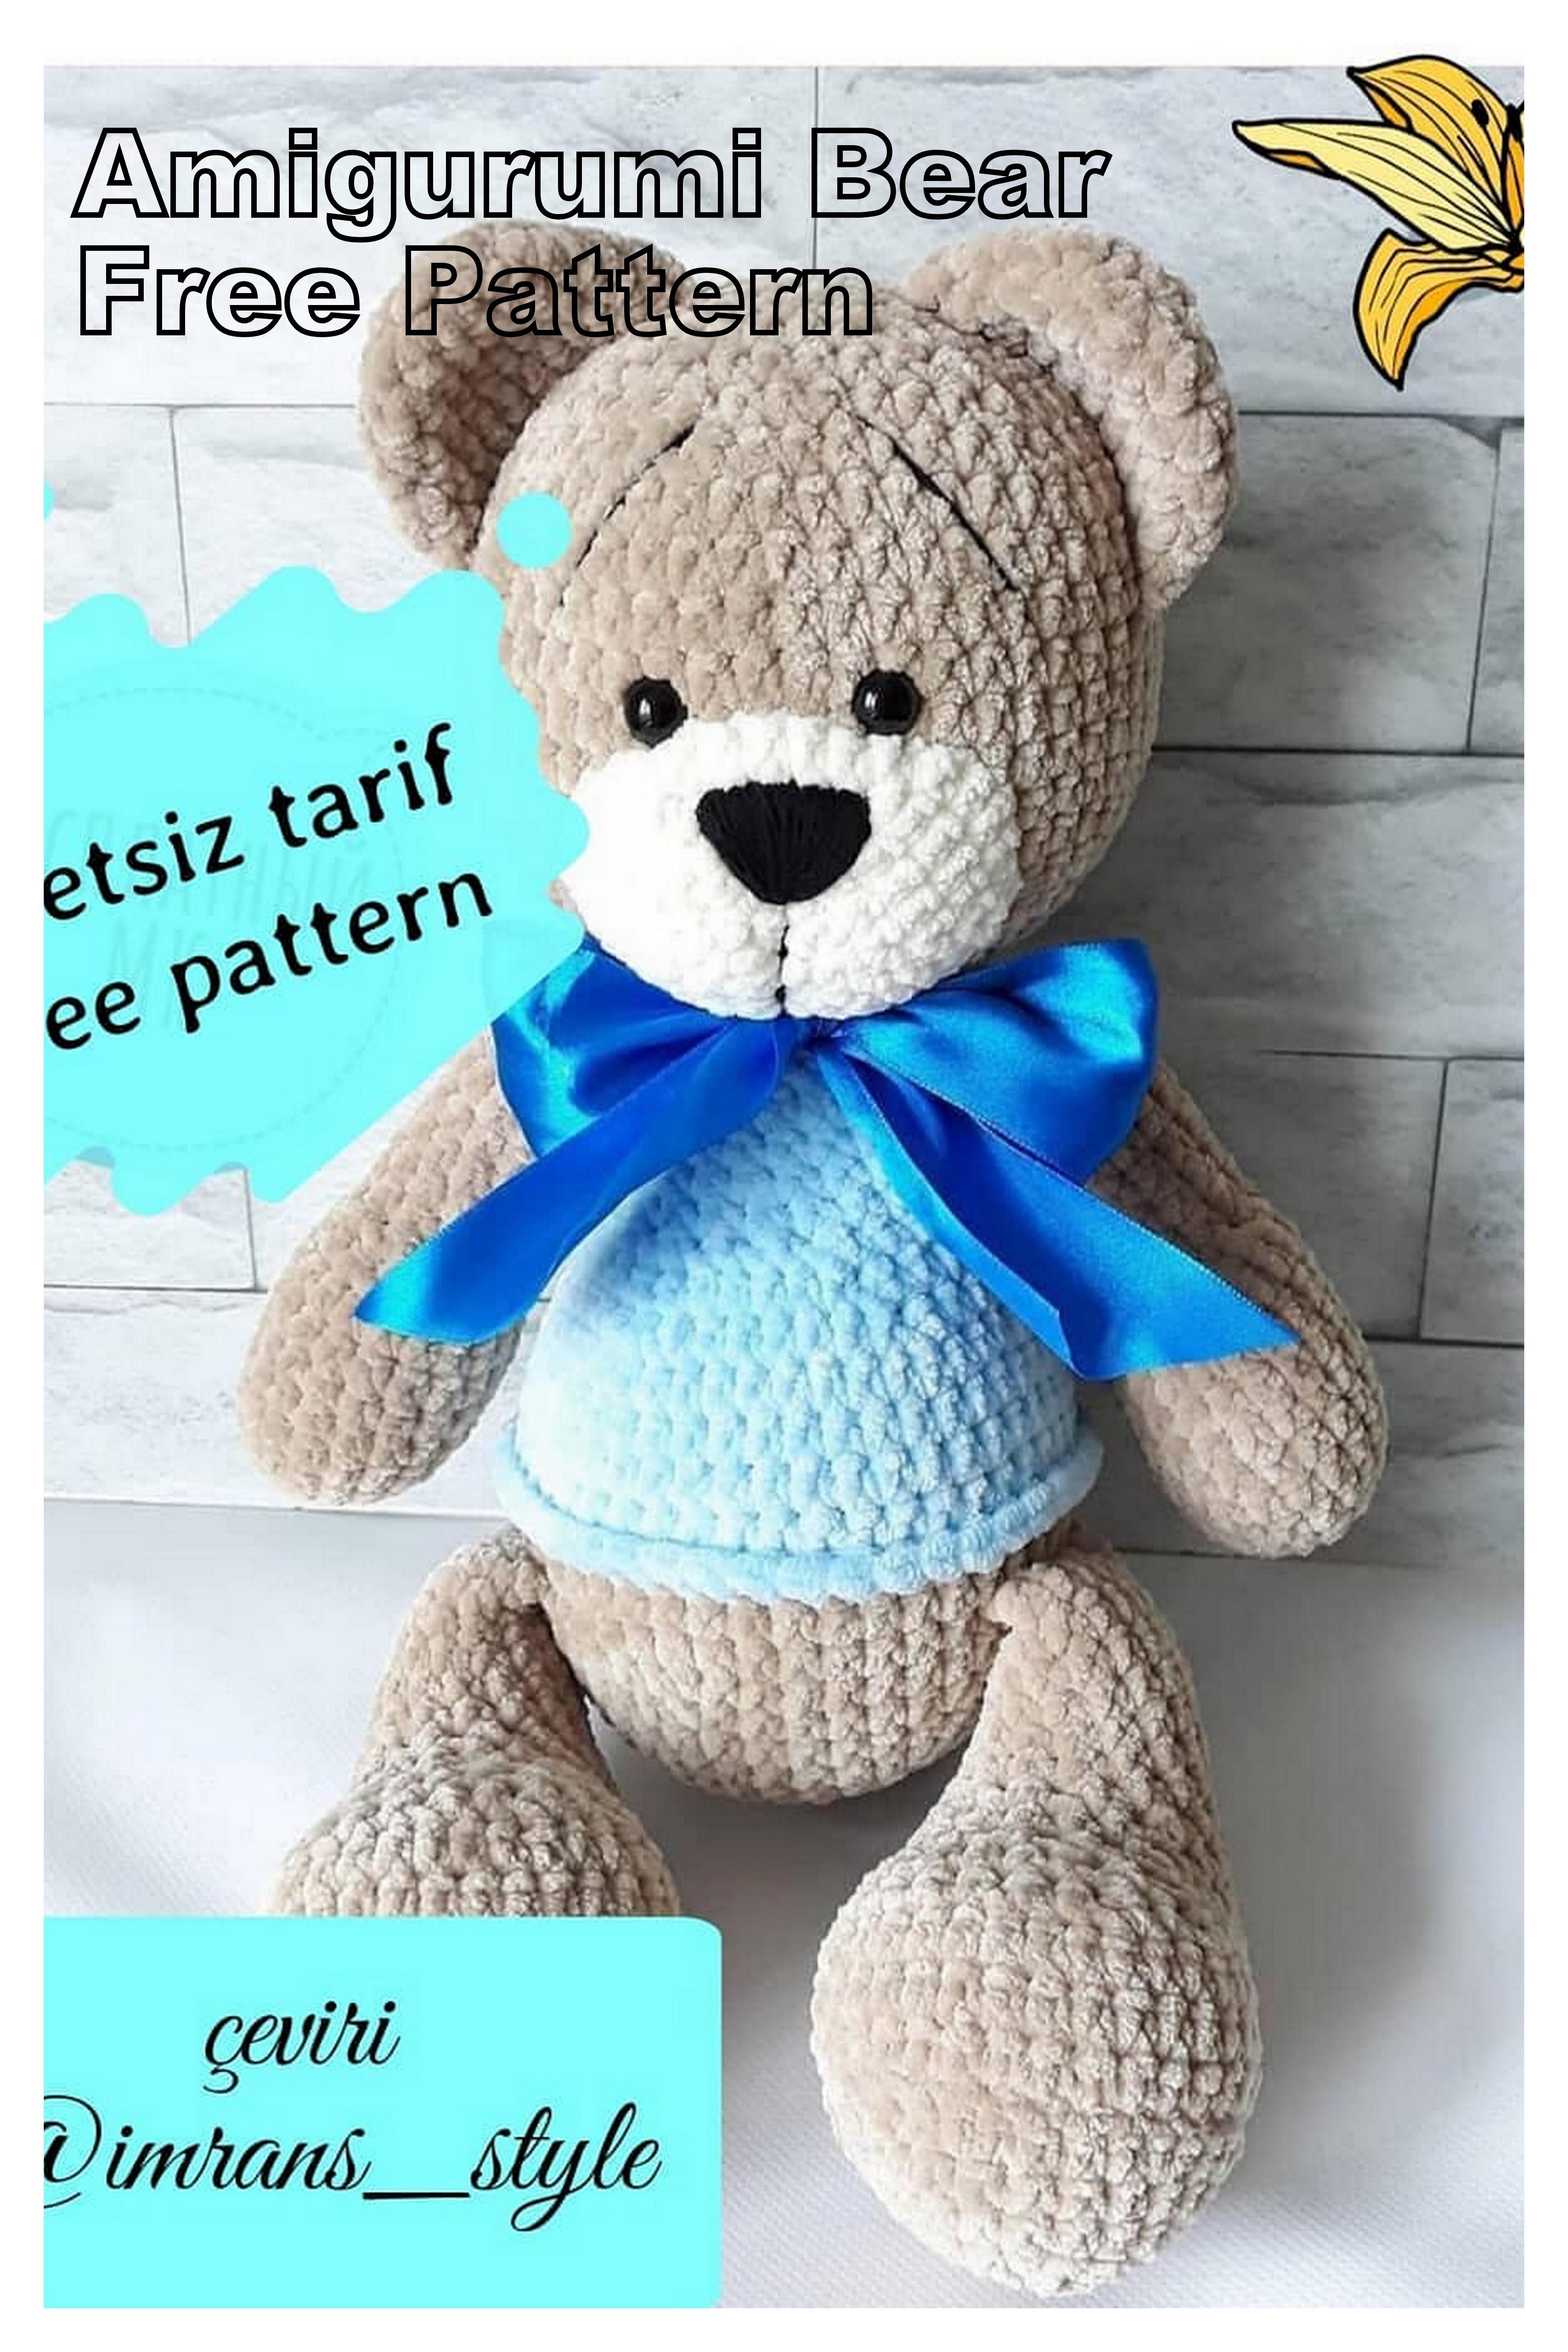 Crochet bear amigurumi pattern | Crochet bear patterns, Crochet ... | 5120x3414